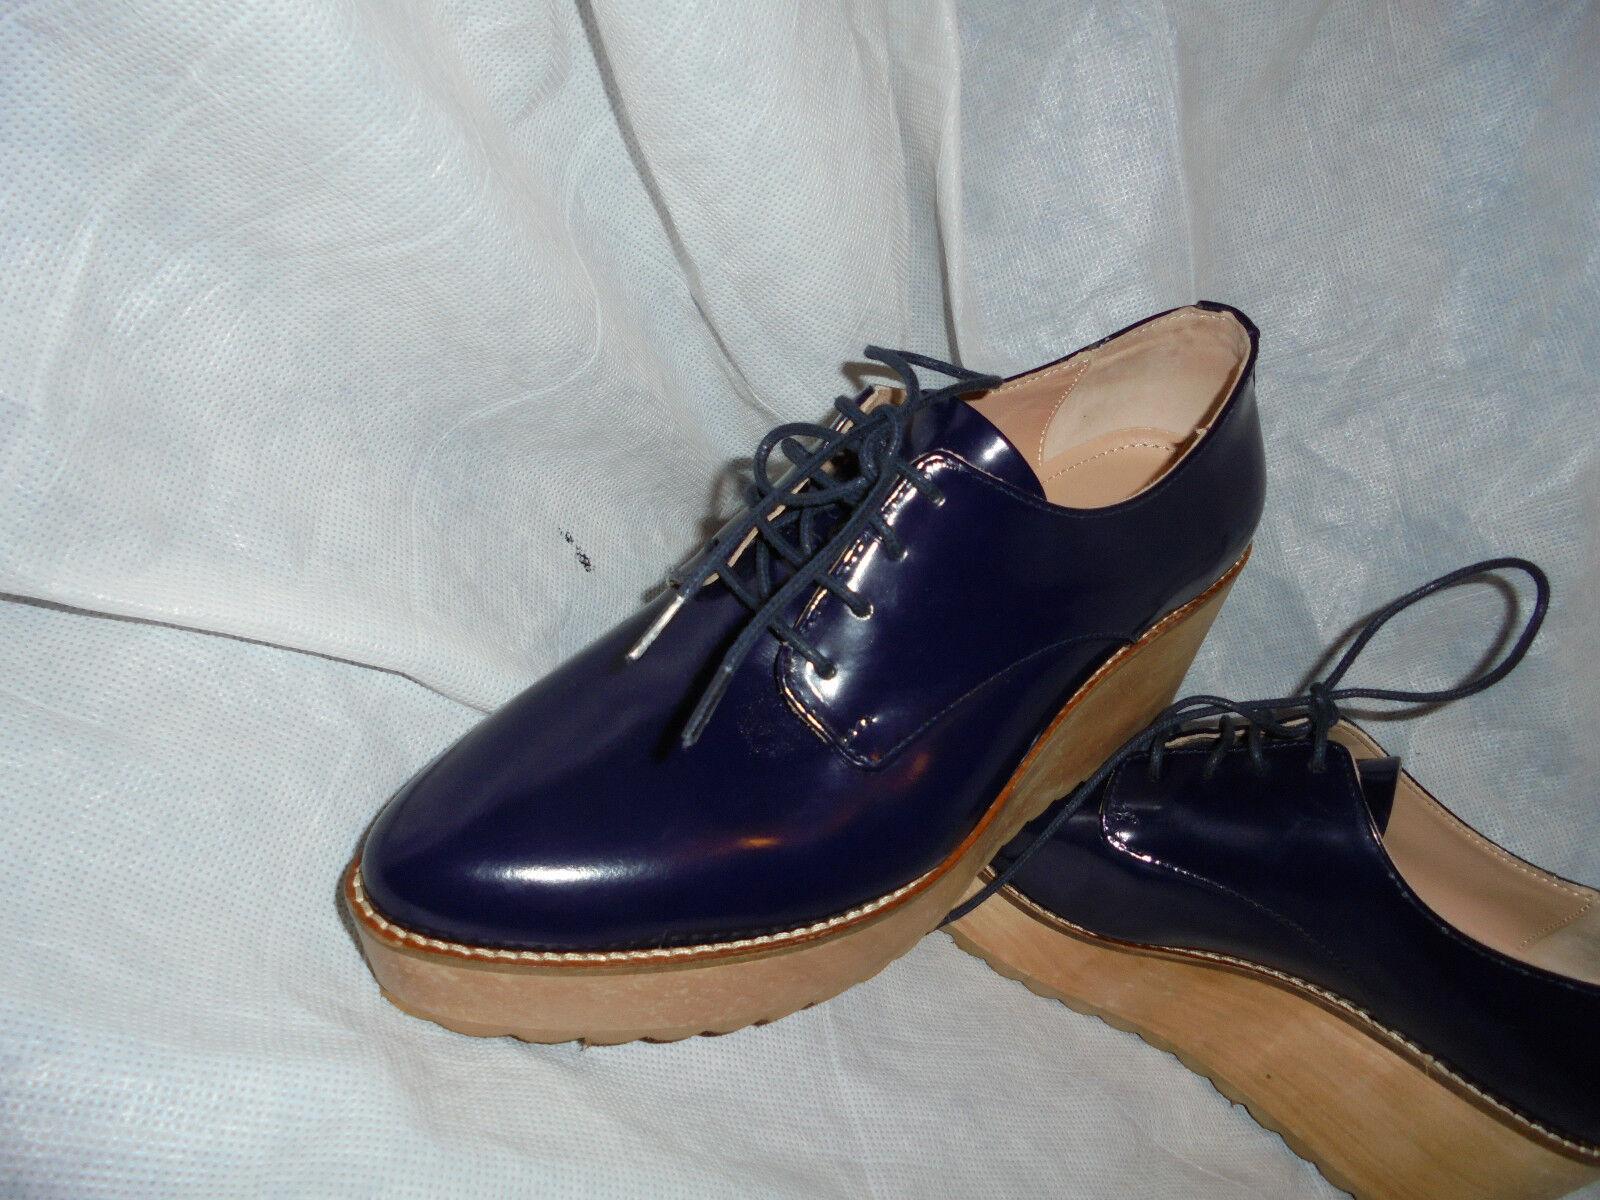 WHISTLE UK WOMEN'S Blau LEATHER LACE UP Schuhe SIZE UK WHISTLE 5 EU 38 VGC 32ef39